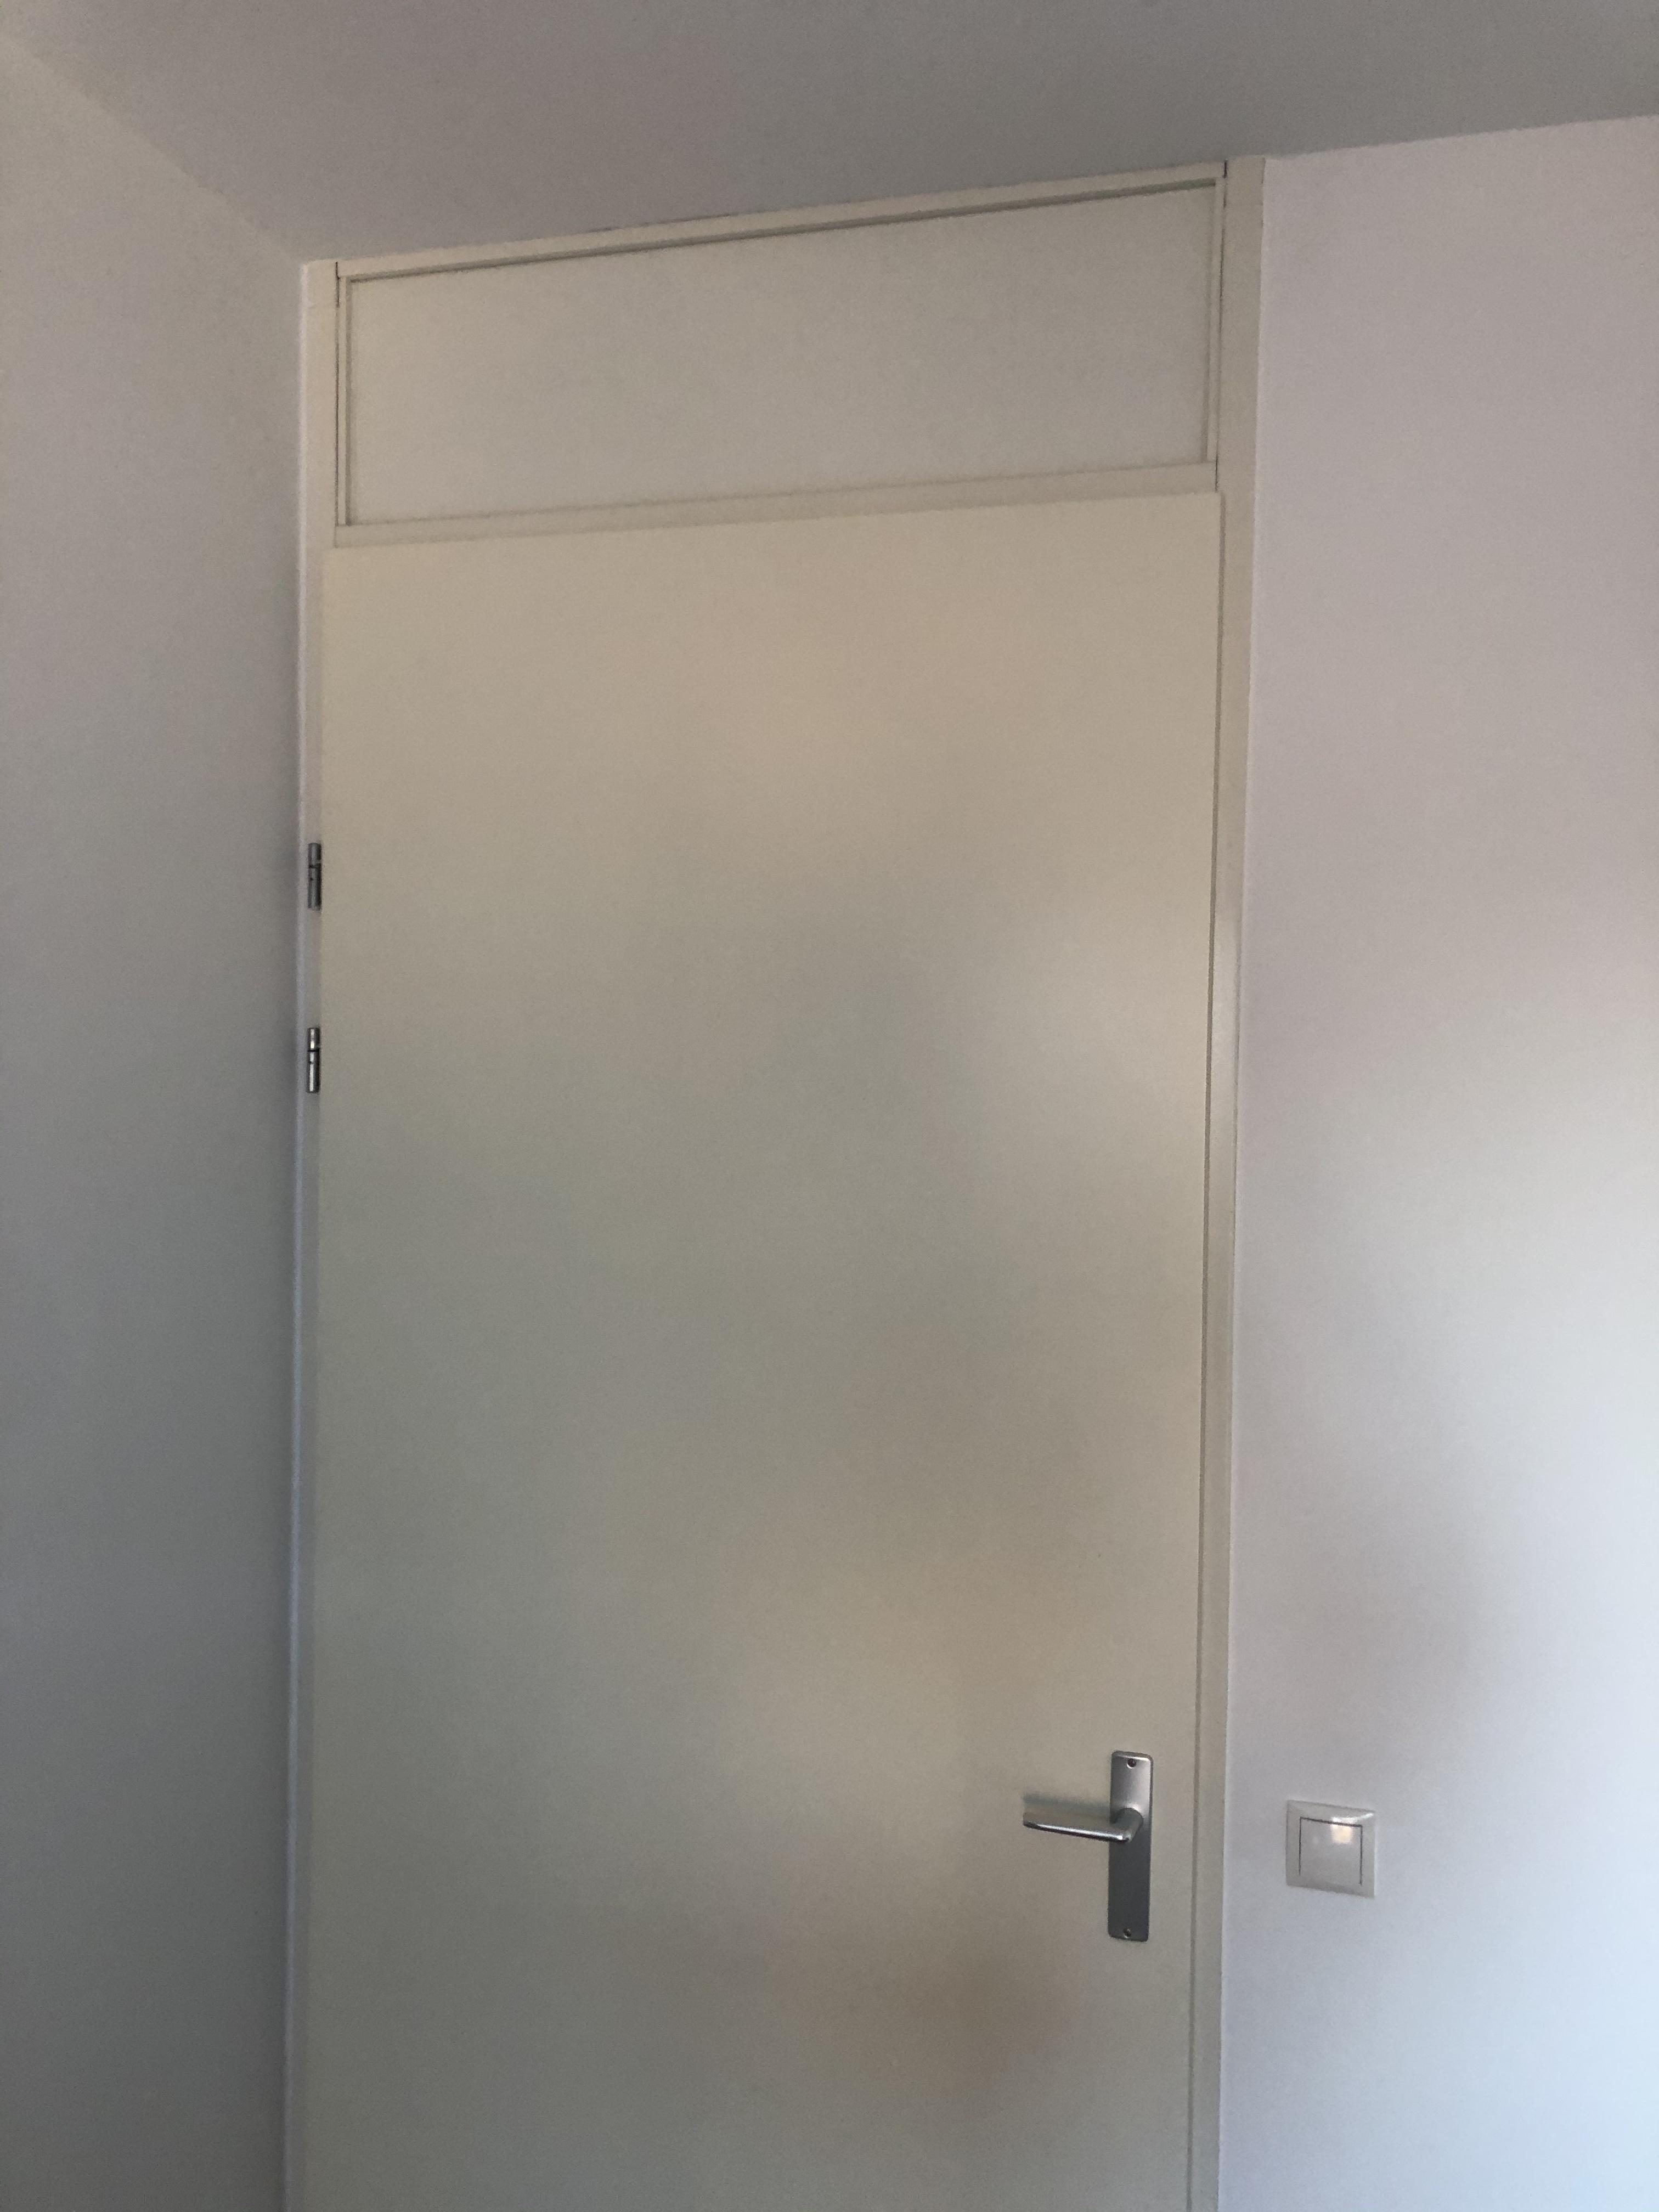 Bovenlicht deur dicht gemaakt met HPL